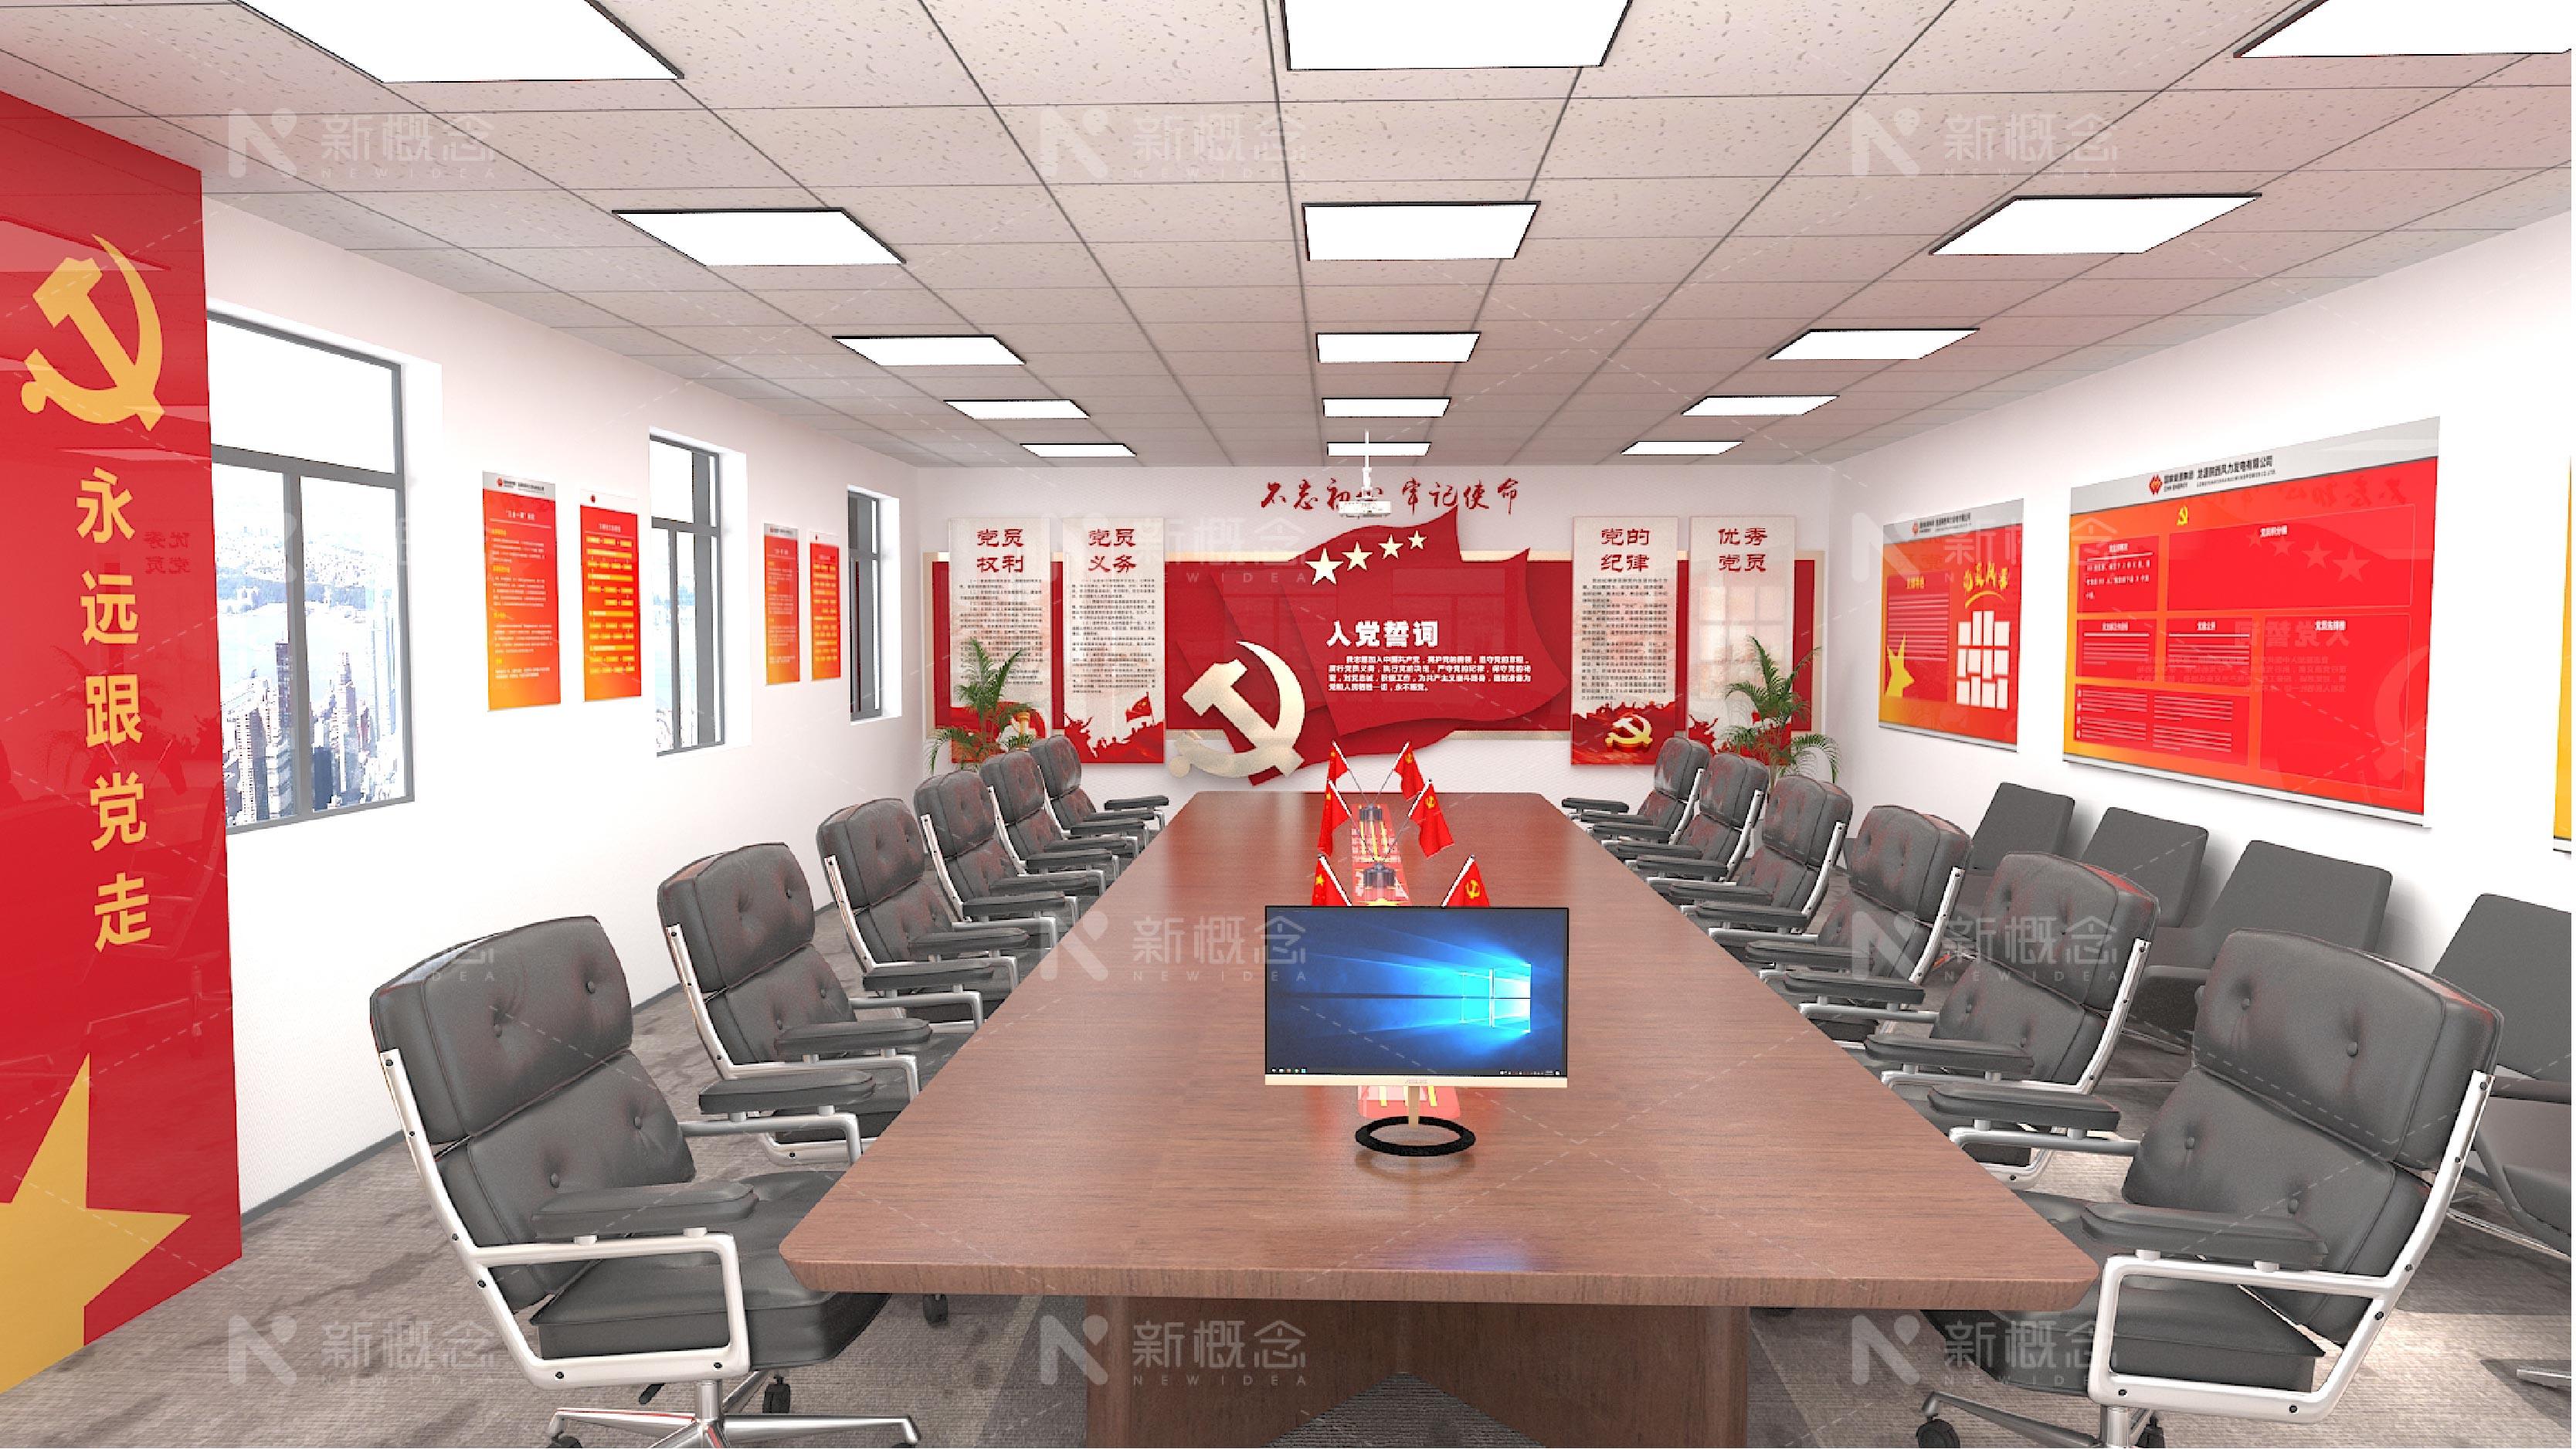 龙源电力有限公司党建展厅设计